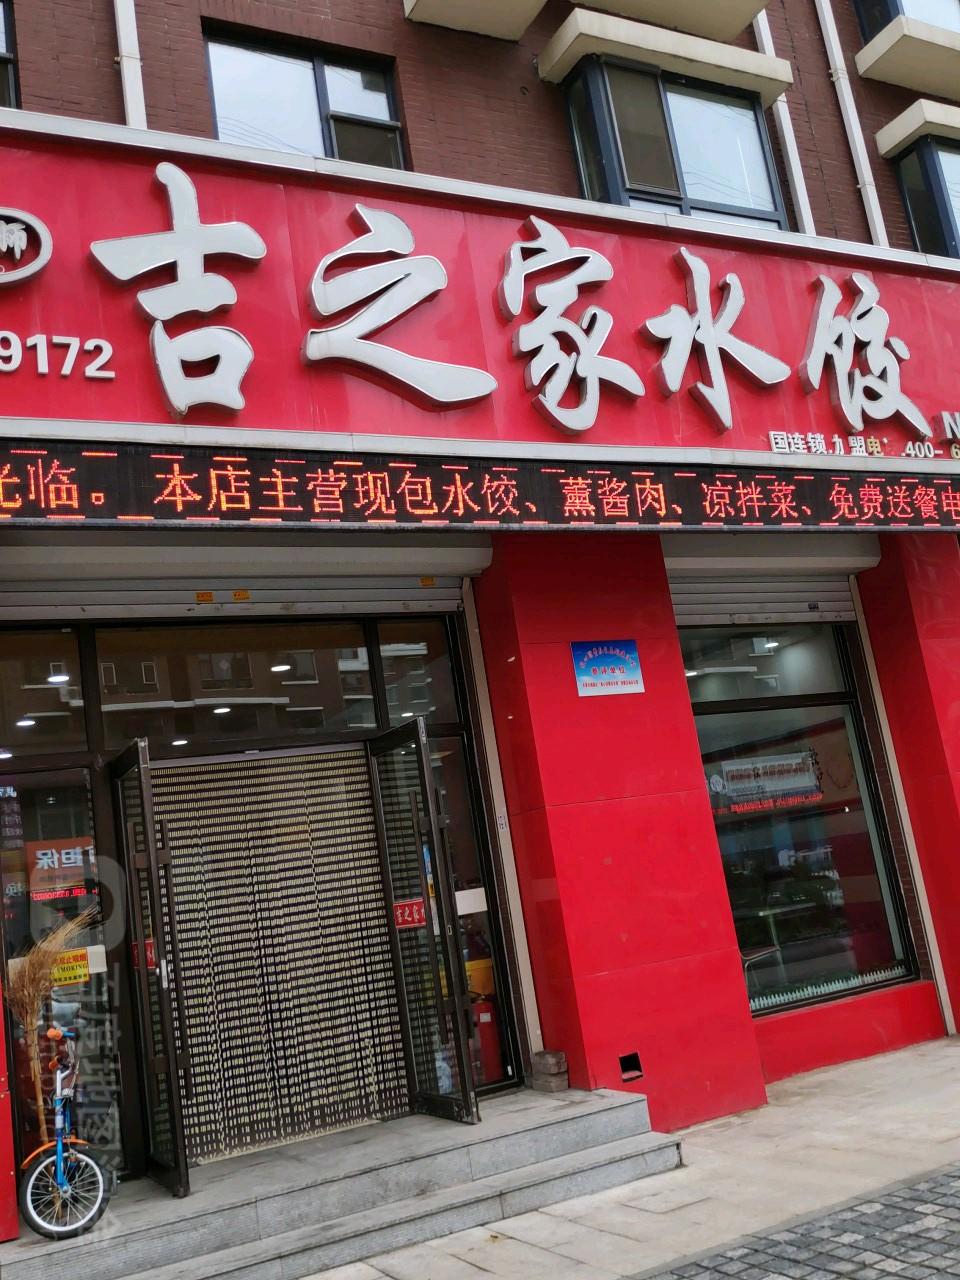 阳路支行_锦阳路104号靠近交通银行(万福街支行)